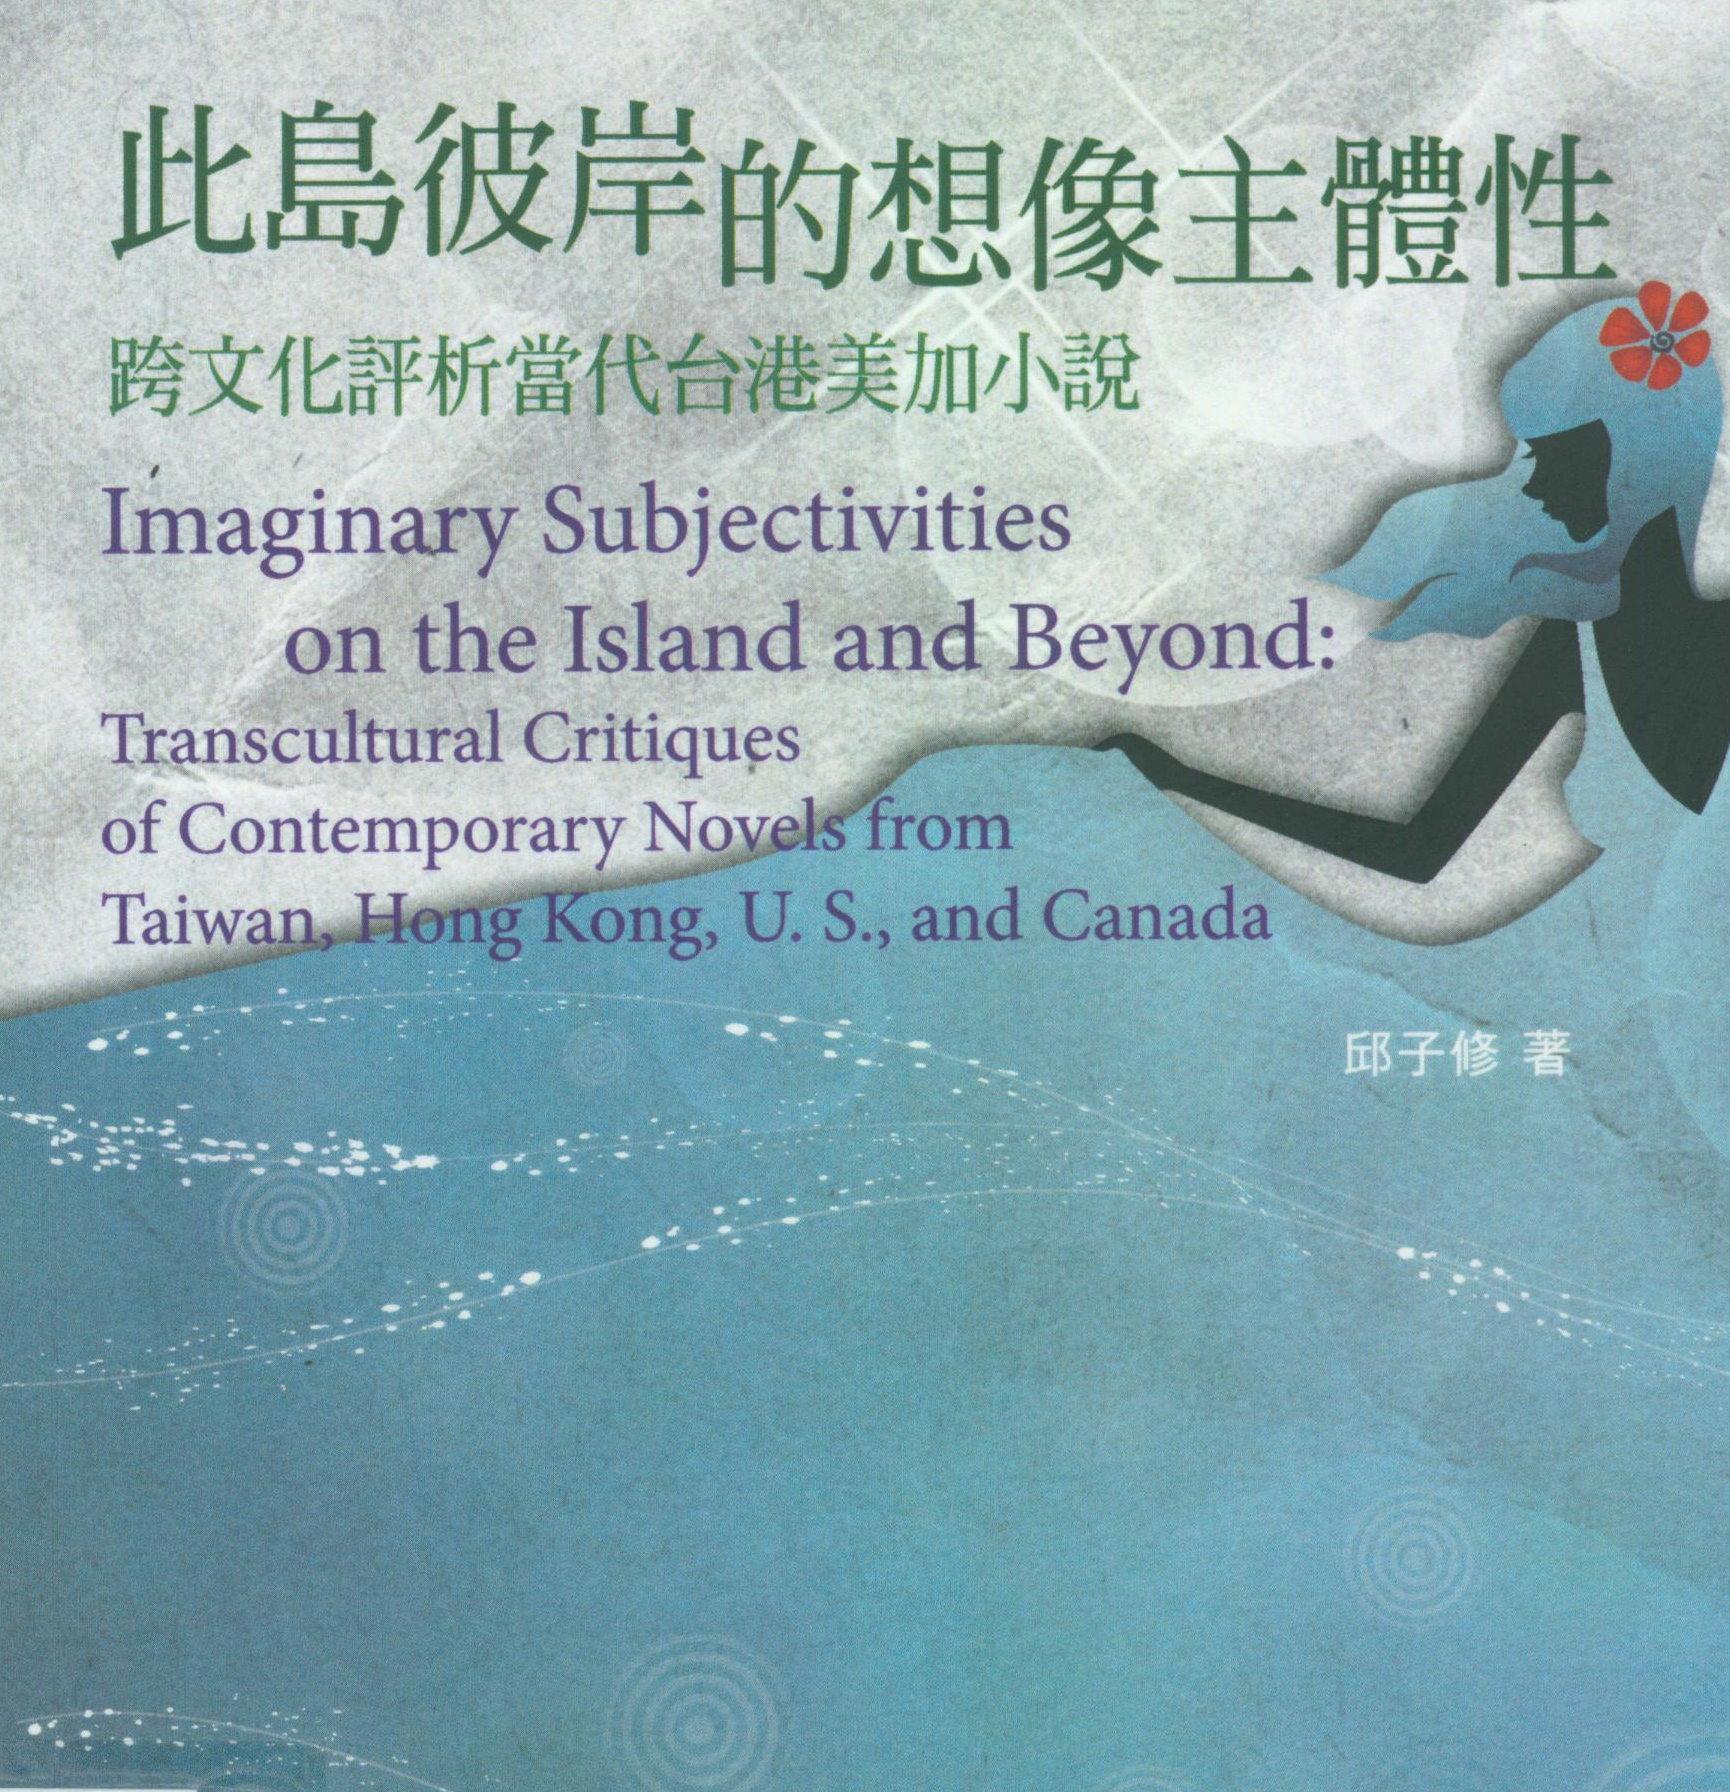 此島彼岸的想像主體性 : 跨文化評析當代台港美加小說 Imaginary subjectivities on the island and beyond : transcultural critiques of contemporary novels from Taiwan, Hong Kong, U.S., and Canada